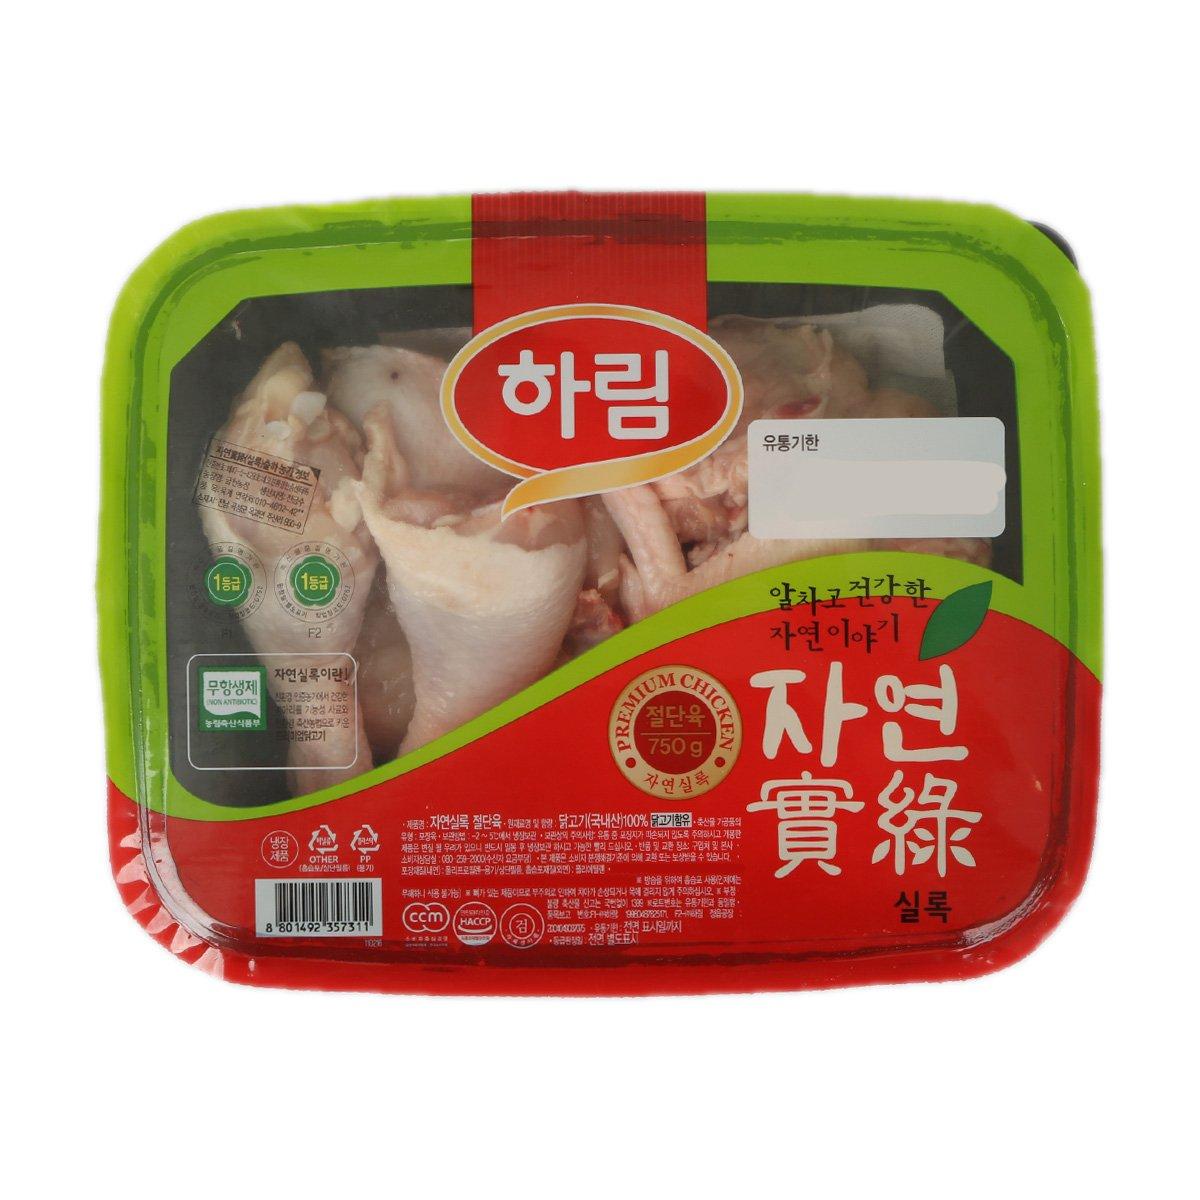 [하림] 자연실록 국내산 닭 볶음용 9호 (750g)